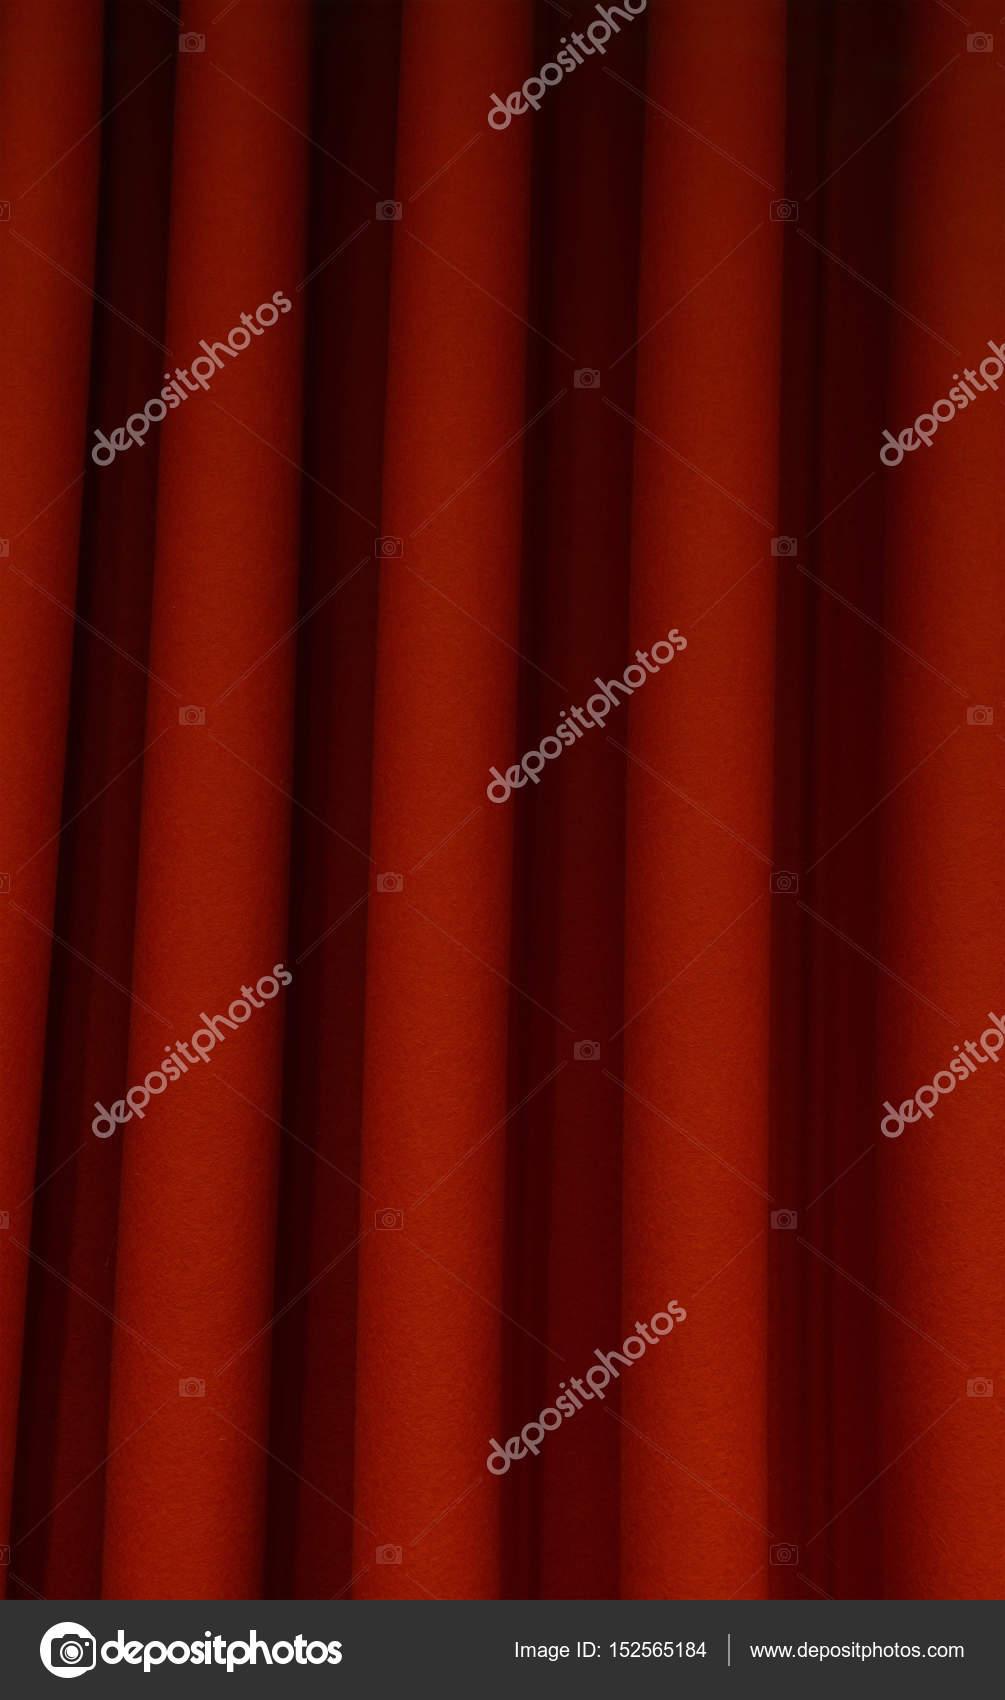 Schwere Dunkelrot Plissee Filz Vorhang Hintergrund